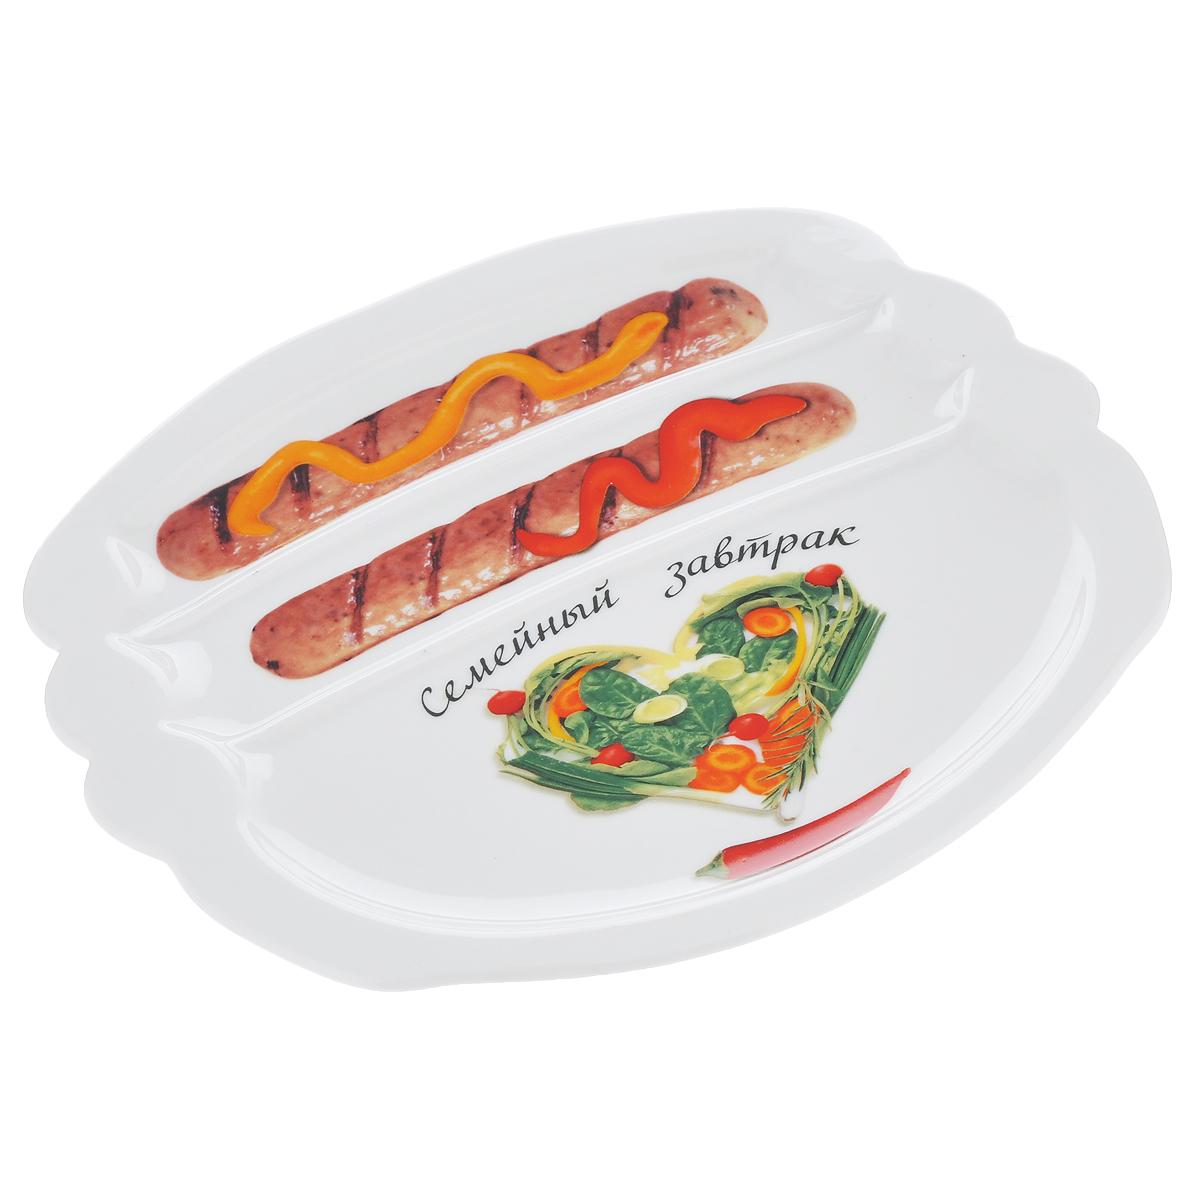 Тарелка для завтрака LarangE Семейный завтрак. Сердечный, 22,5 х 19 см54 009312Тарелка для завтрака LarangE Семейный завтрак. Сердечный изготовлена из высококачественной керамики. Изделие украшено изображением сердца из еды. Тарелка имеет три отделения: 2 маленьких отделения для сосисок и одно большое отделение для яичницы или другого блюда. Можно использовать в СВЧ печах, духовом шкафу и холодильнике. Не применять абразивные чистящие вещества.Размер тарелки: 22,5 см х 19 см. Высота тарелки: 2 см.